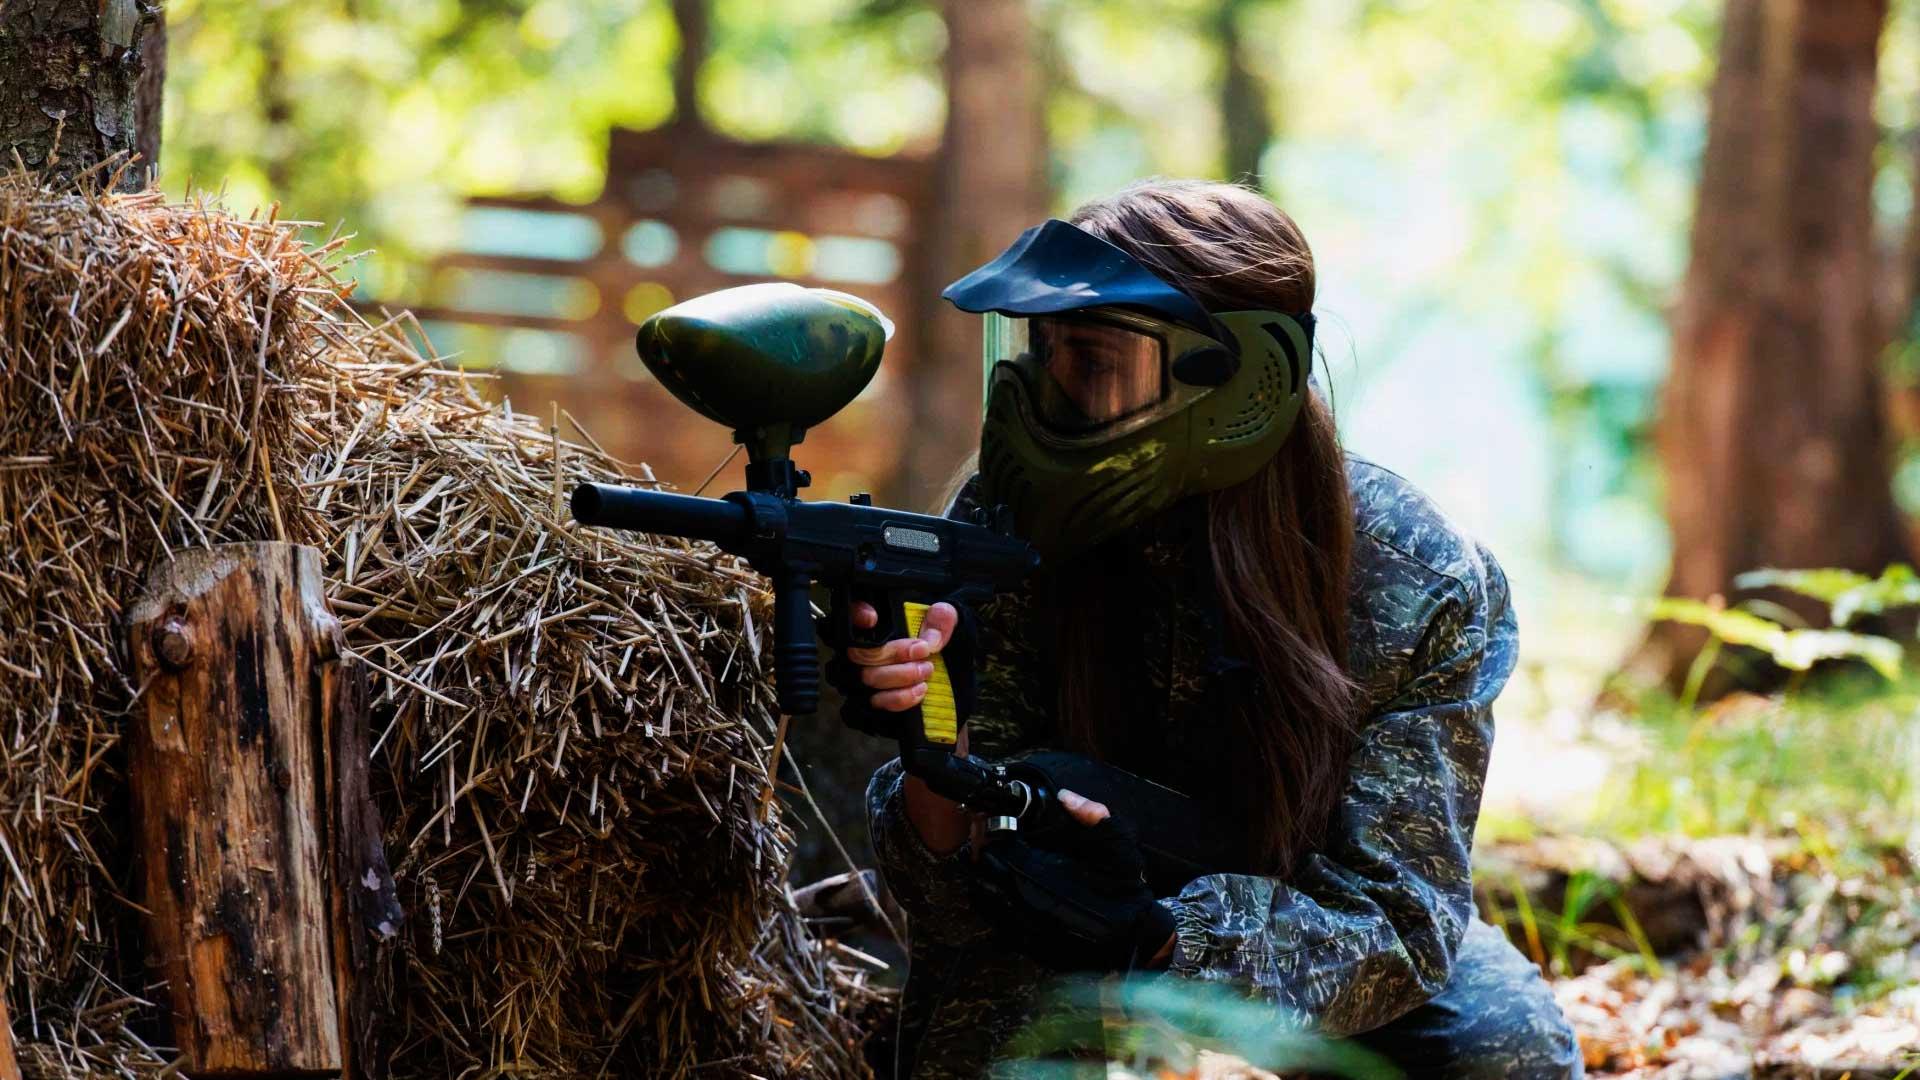 Jogadora de paintball agachada atrás de um entulho de madeiras, mirando para frente.